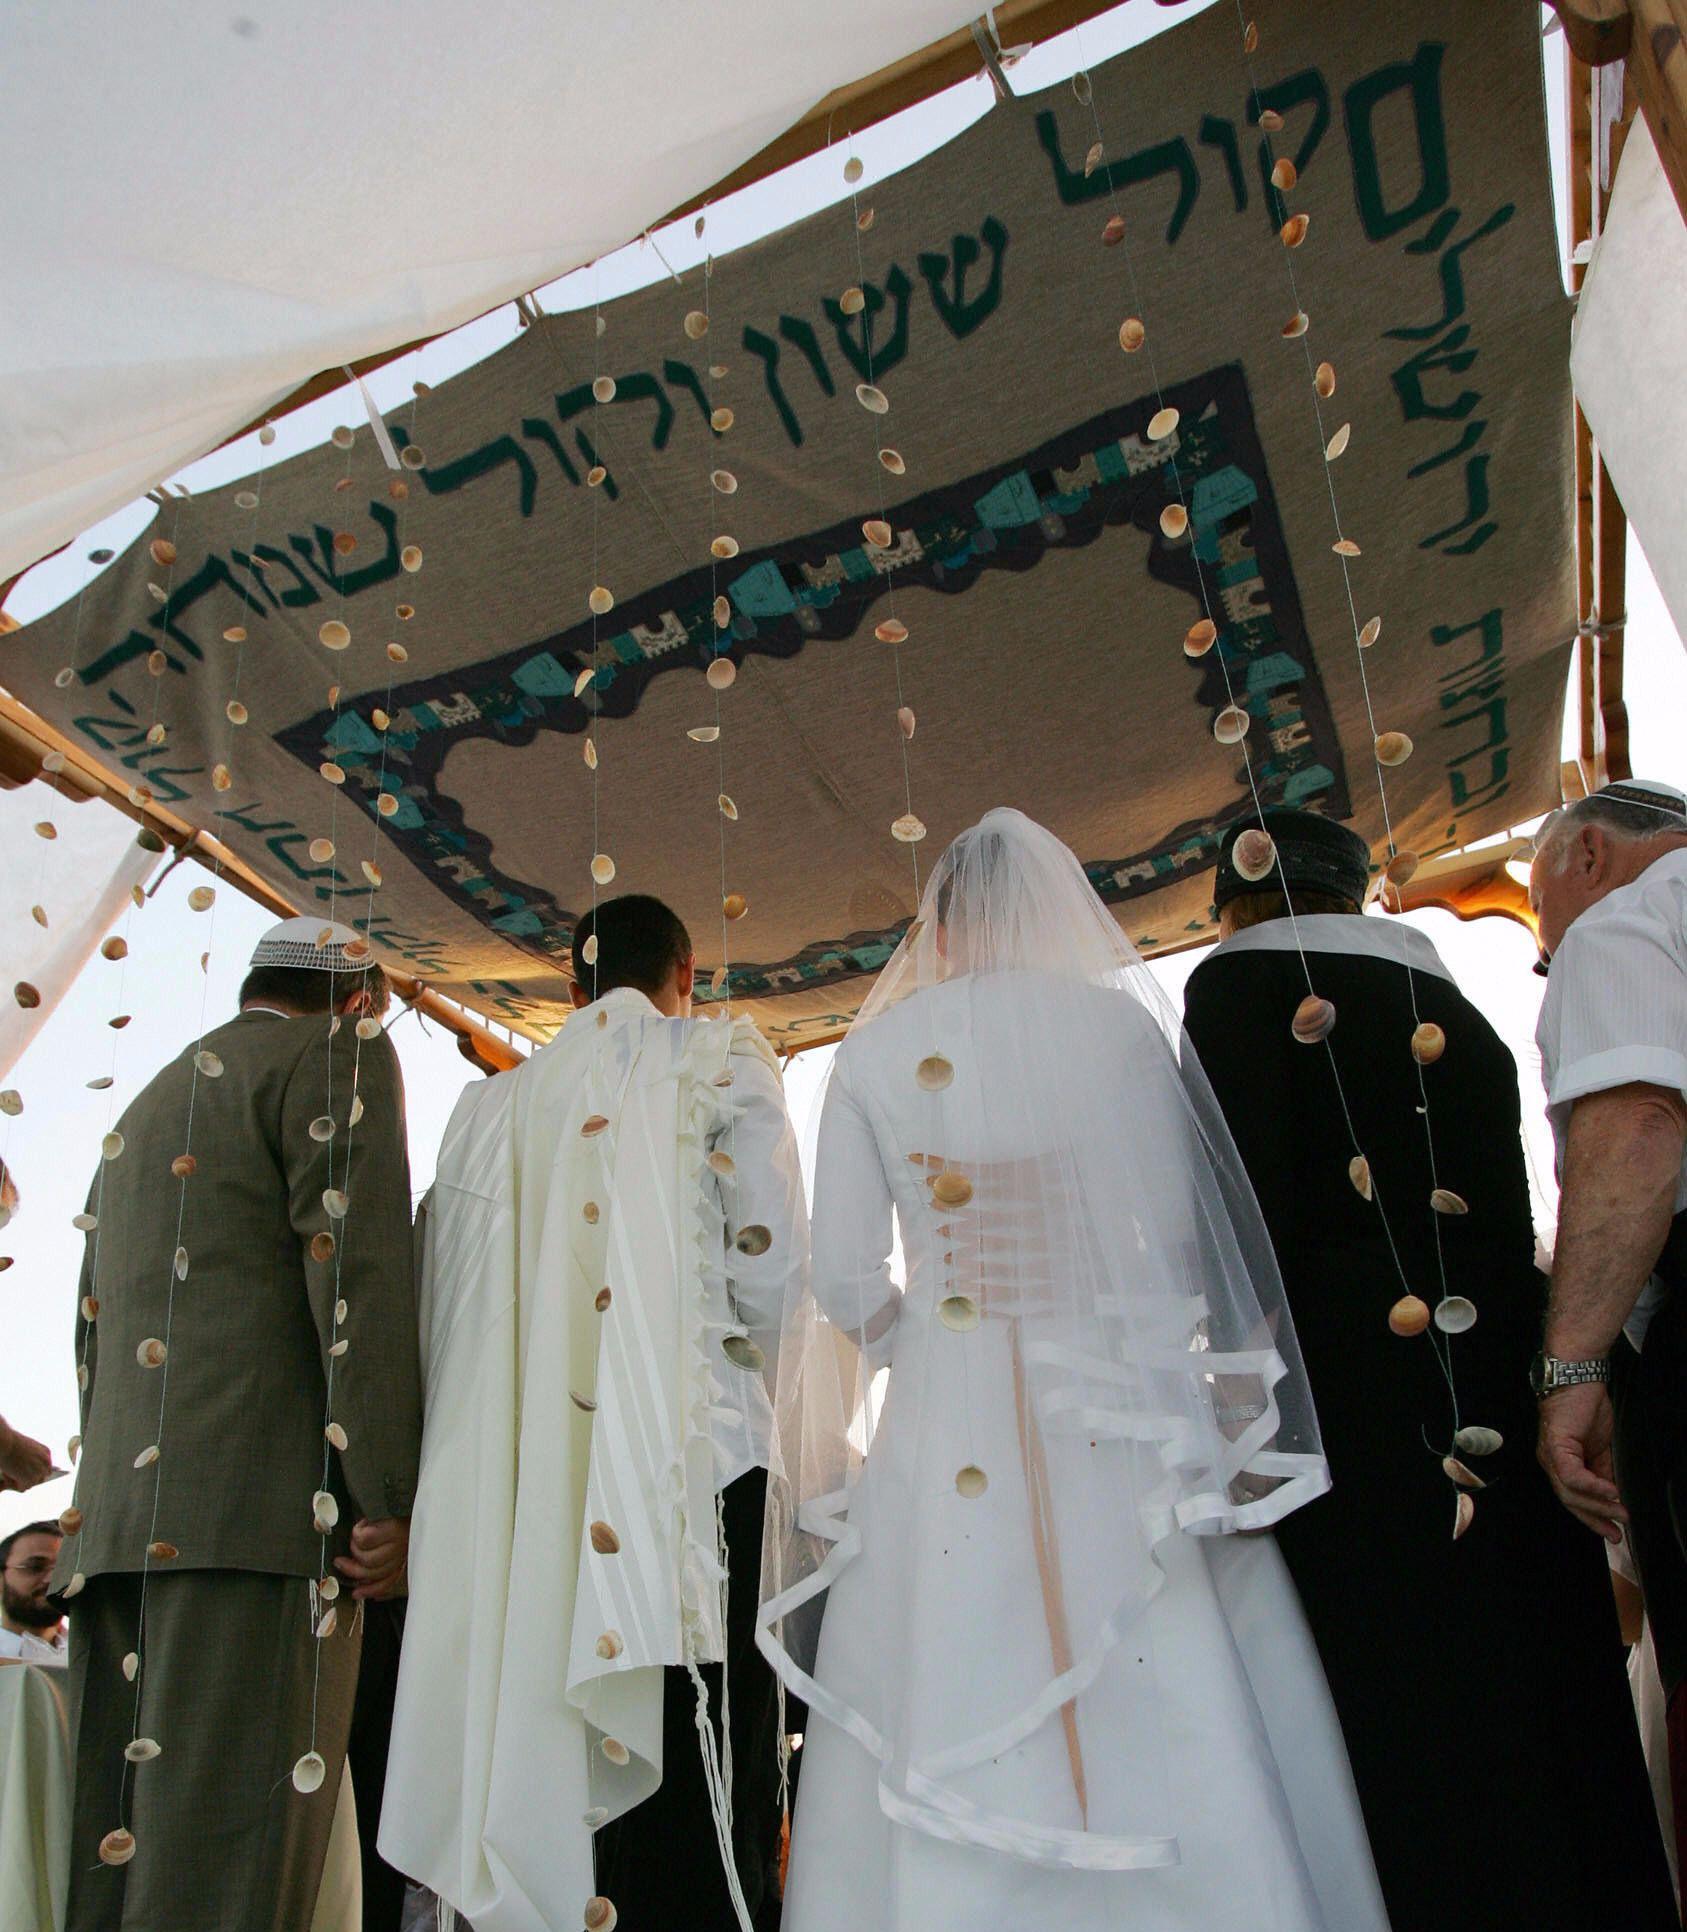 A Jewish wedding ceremony.